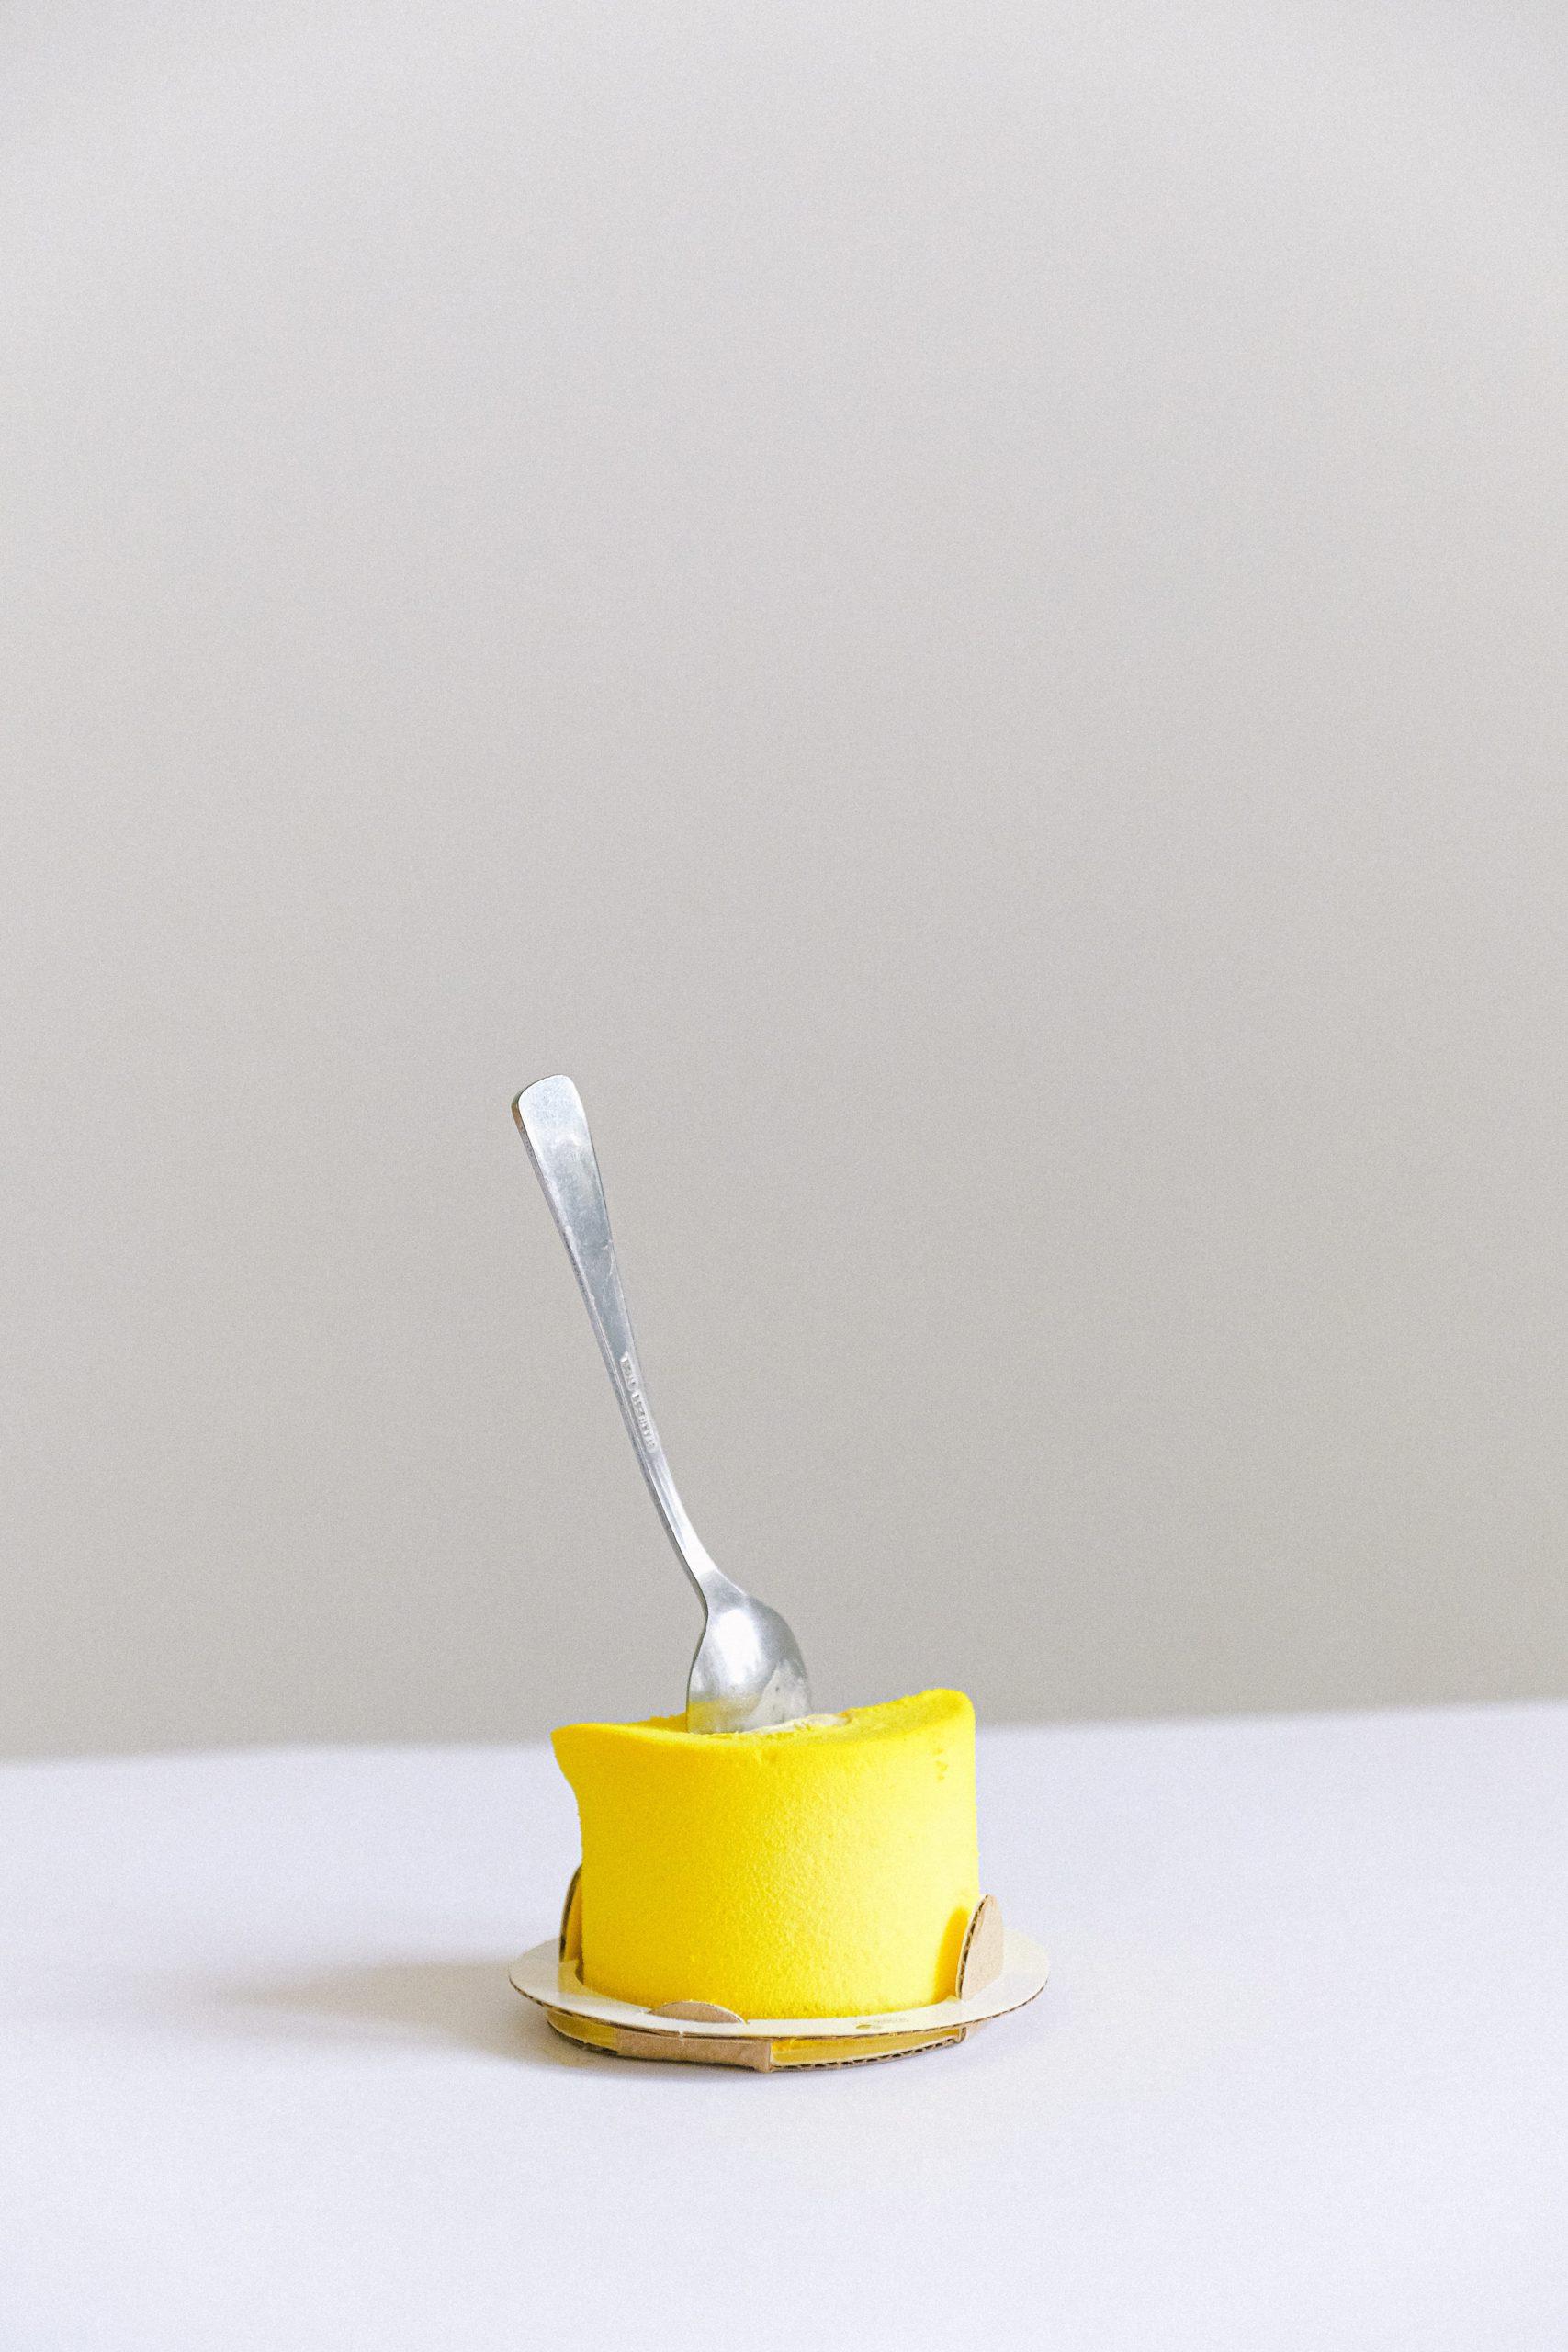 gelbes Dessert Törtchen mit Löffel